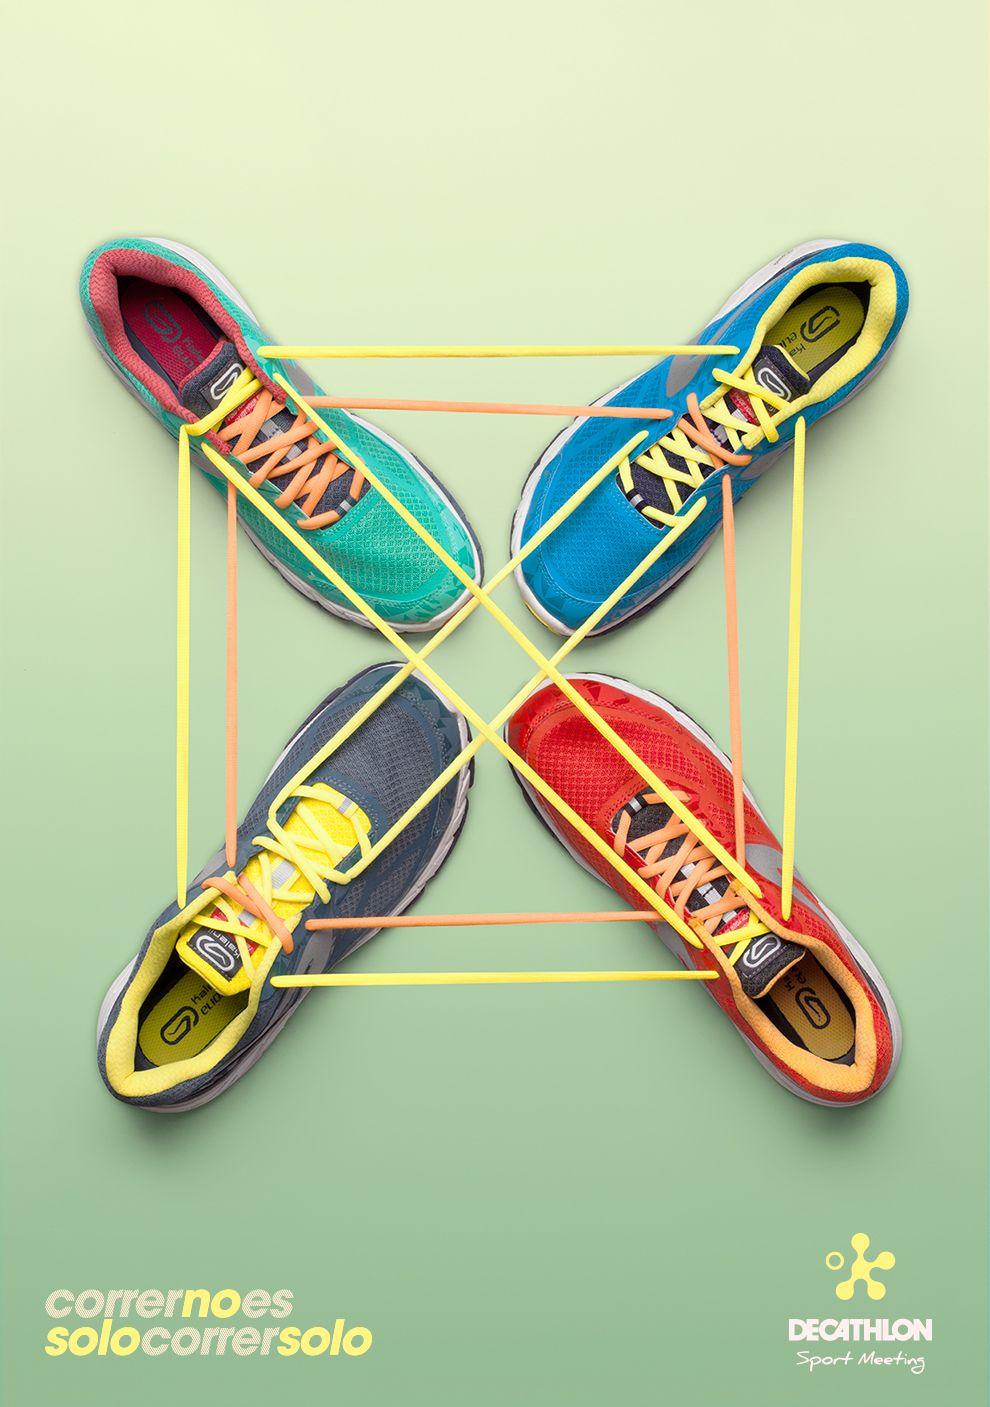 Correr no es sólo correr solo on Behance #artdirection